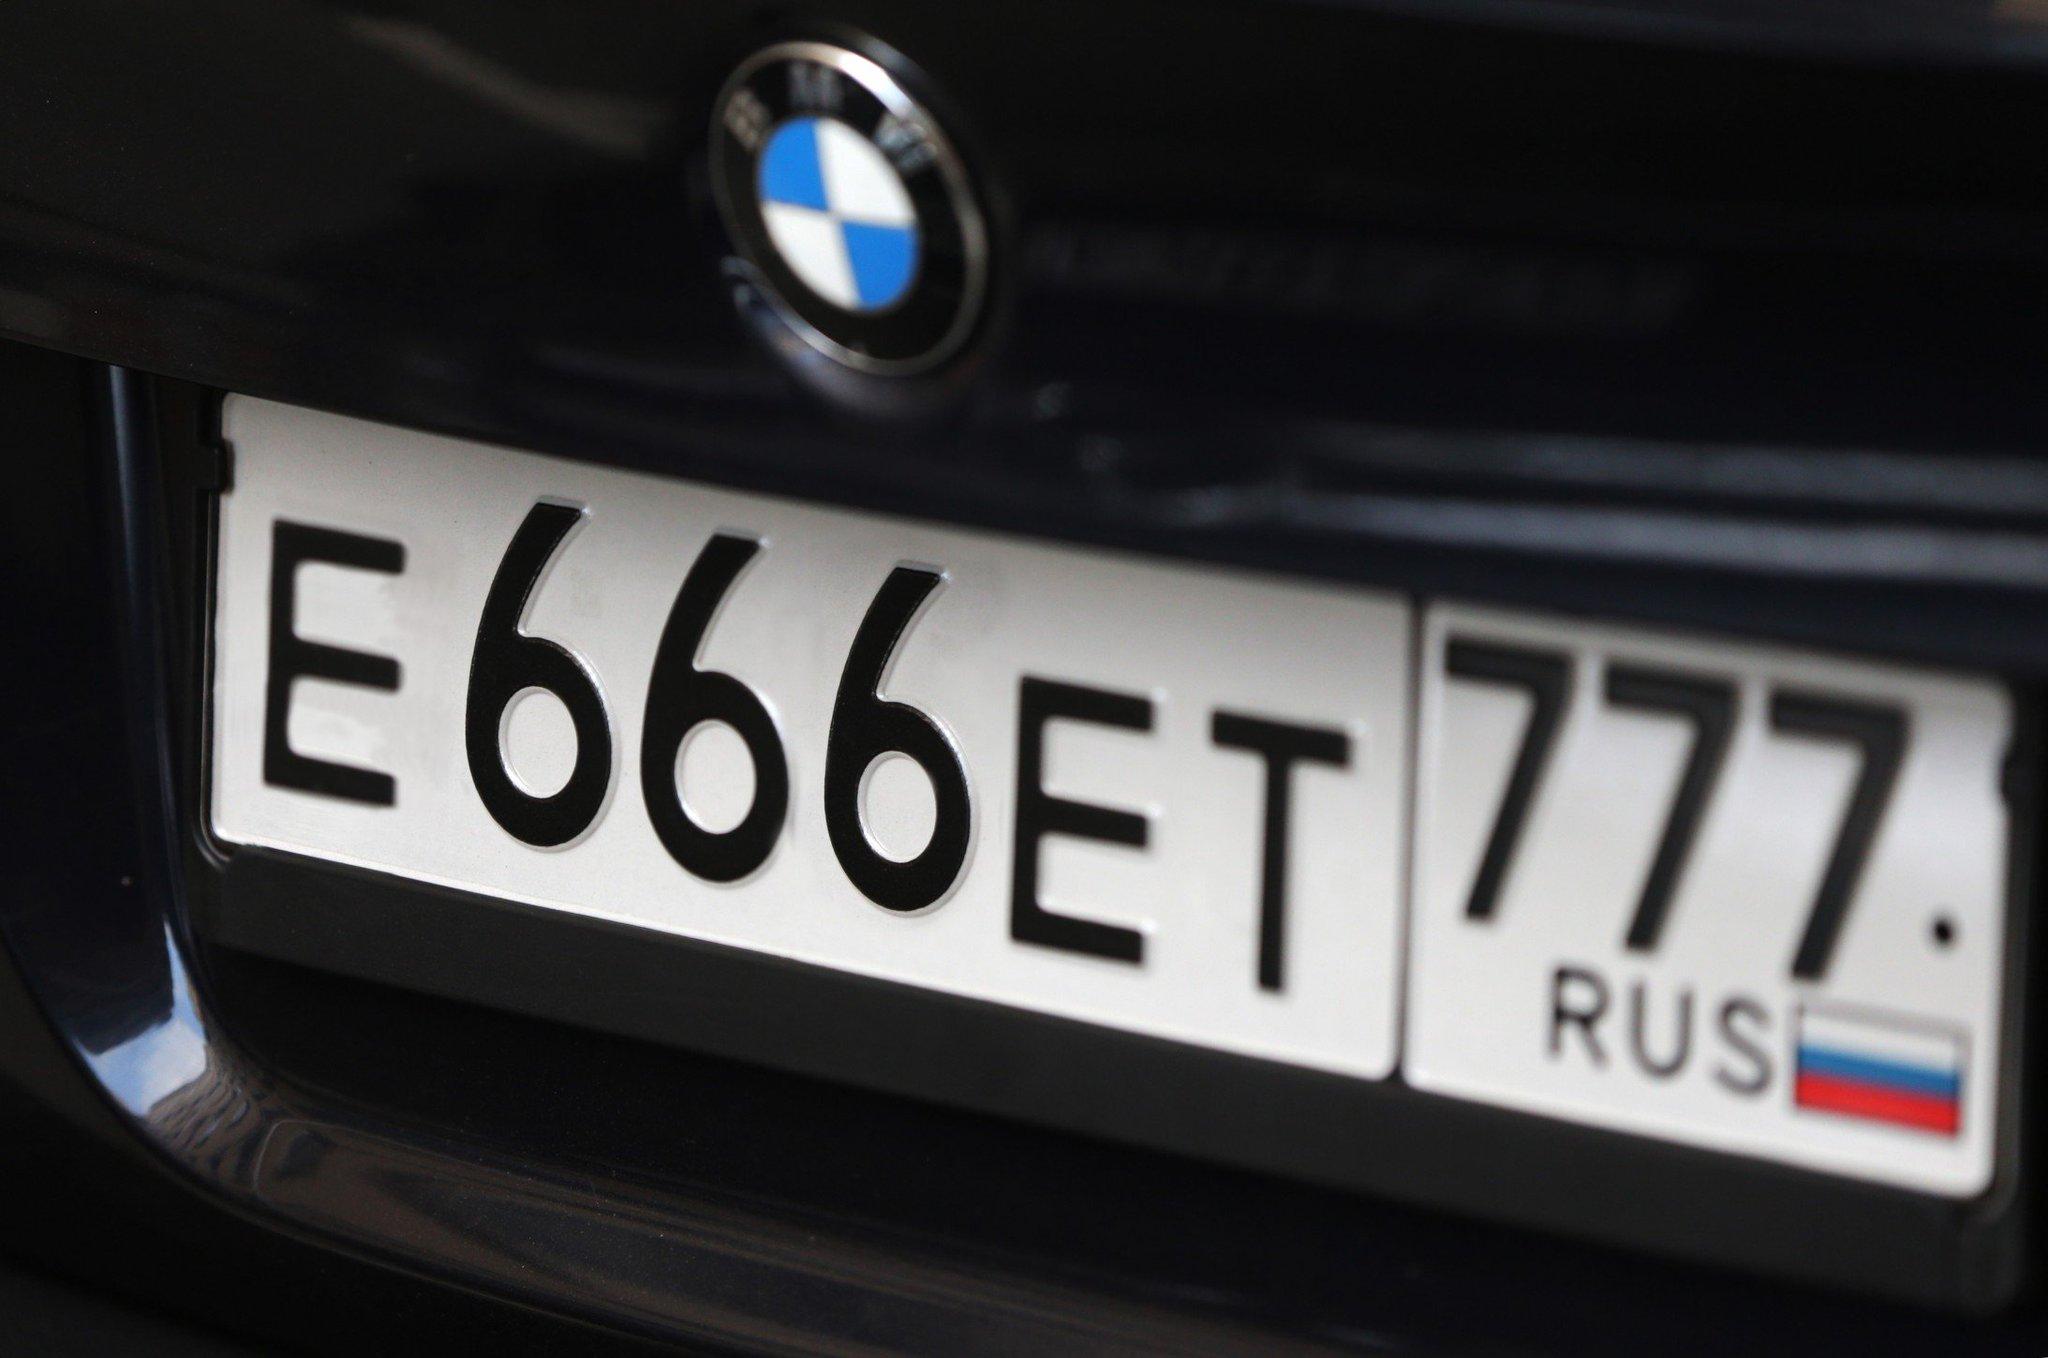 расценки картинки красивые на номер авто притчи